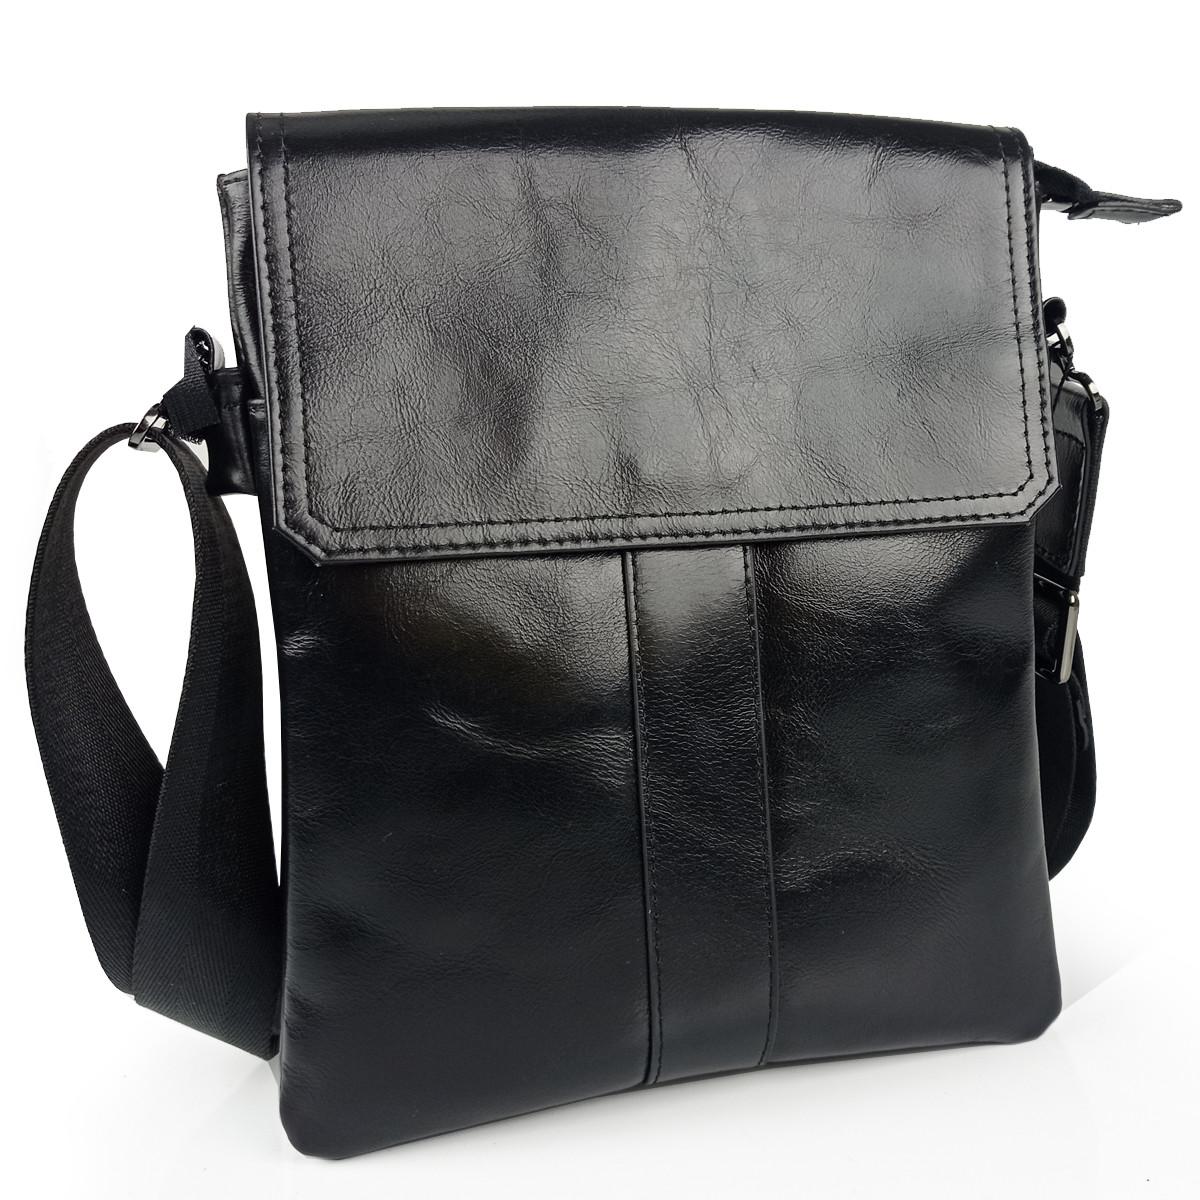 Месенджер через плече чорний Tiding Bag 8678A